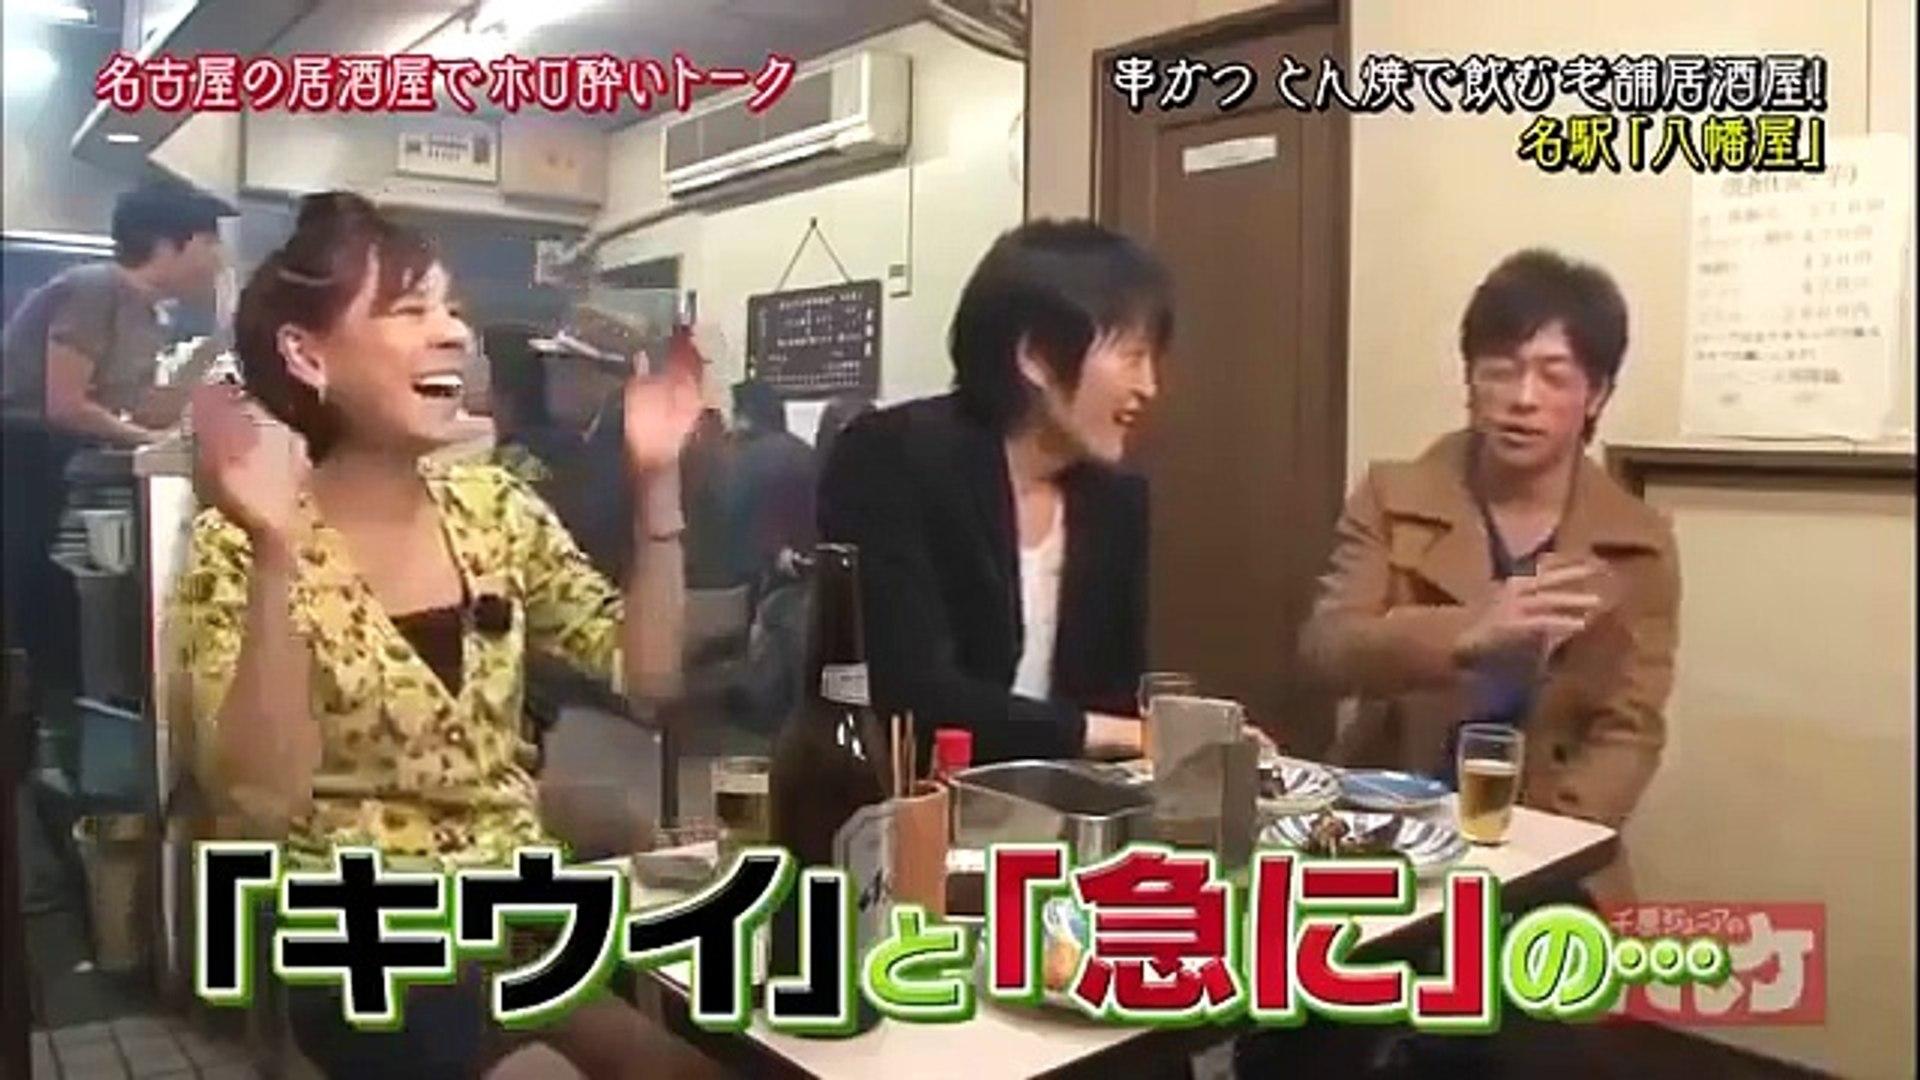 の 千原 ヘベレケ ジュニア 東海テレビ